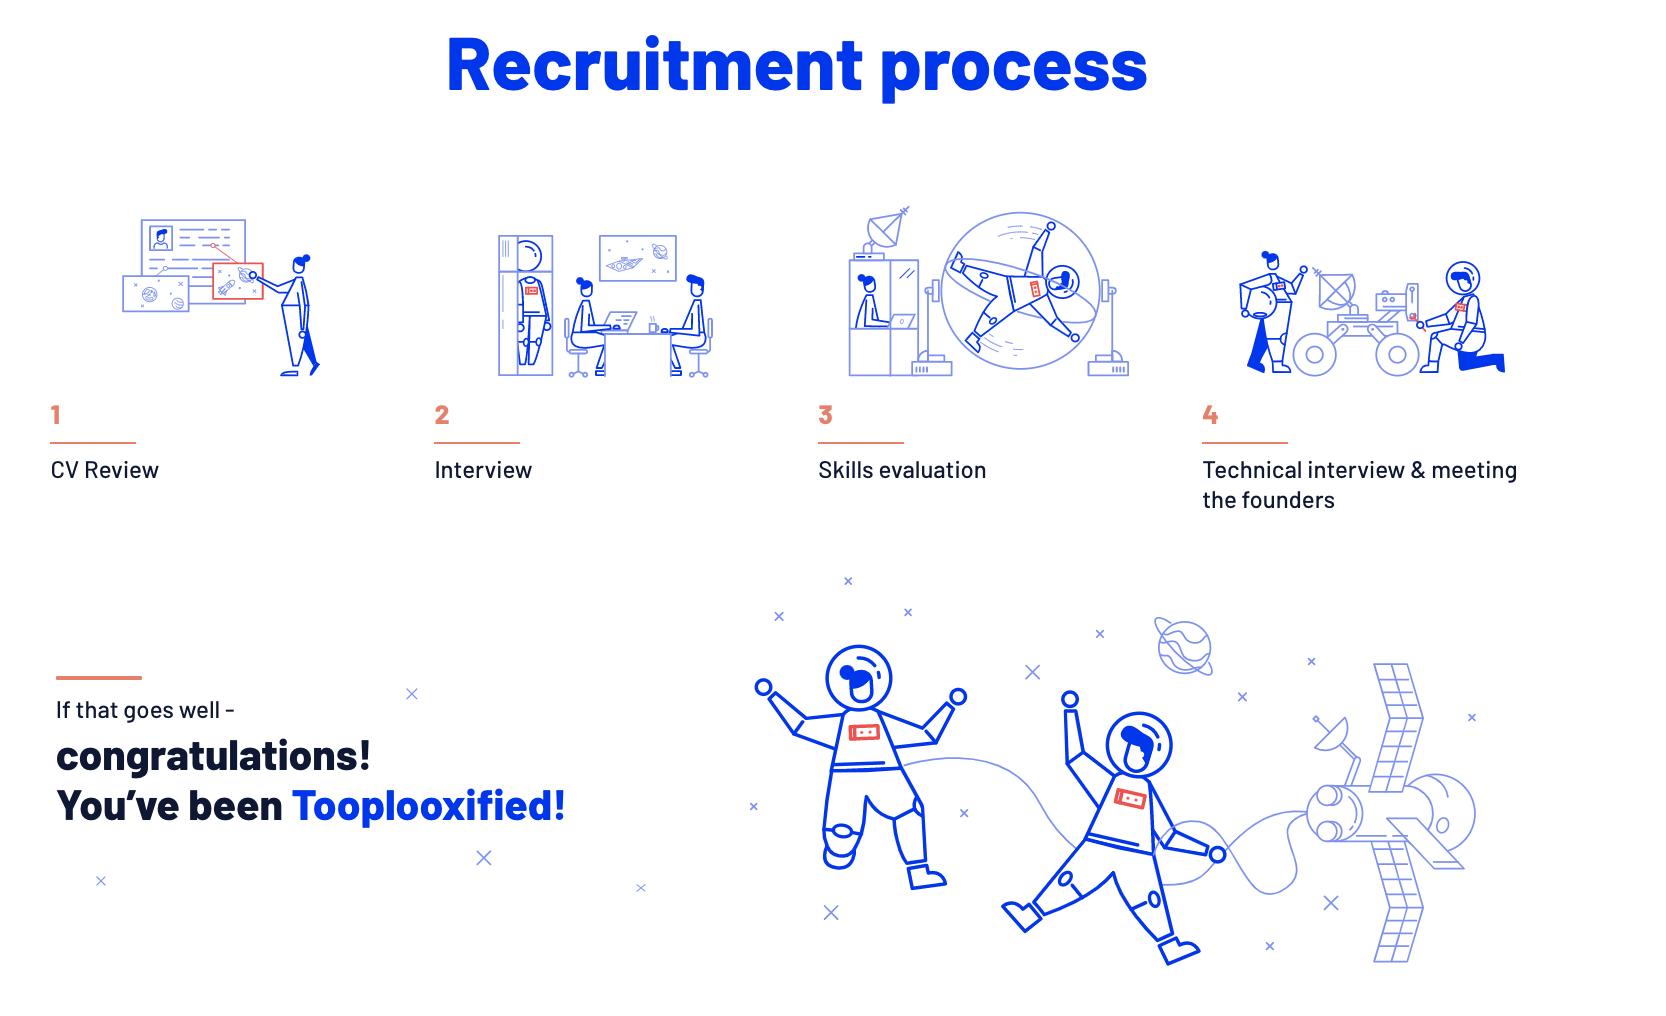 Tooploox strona www opis procesu rekrutacyjnego